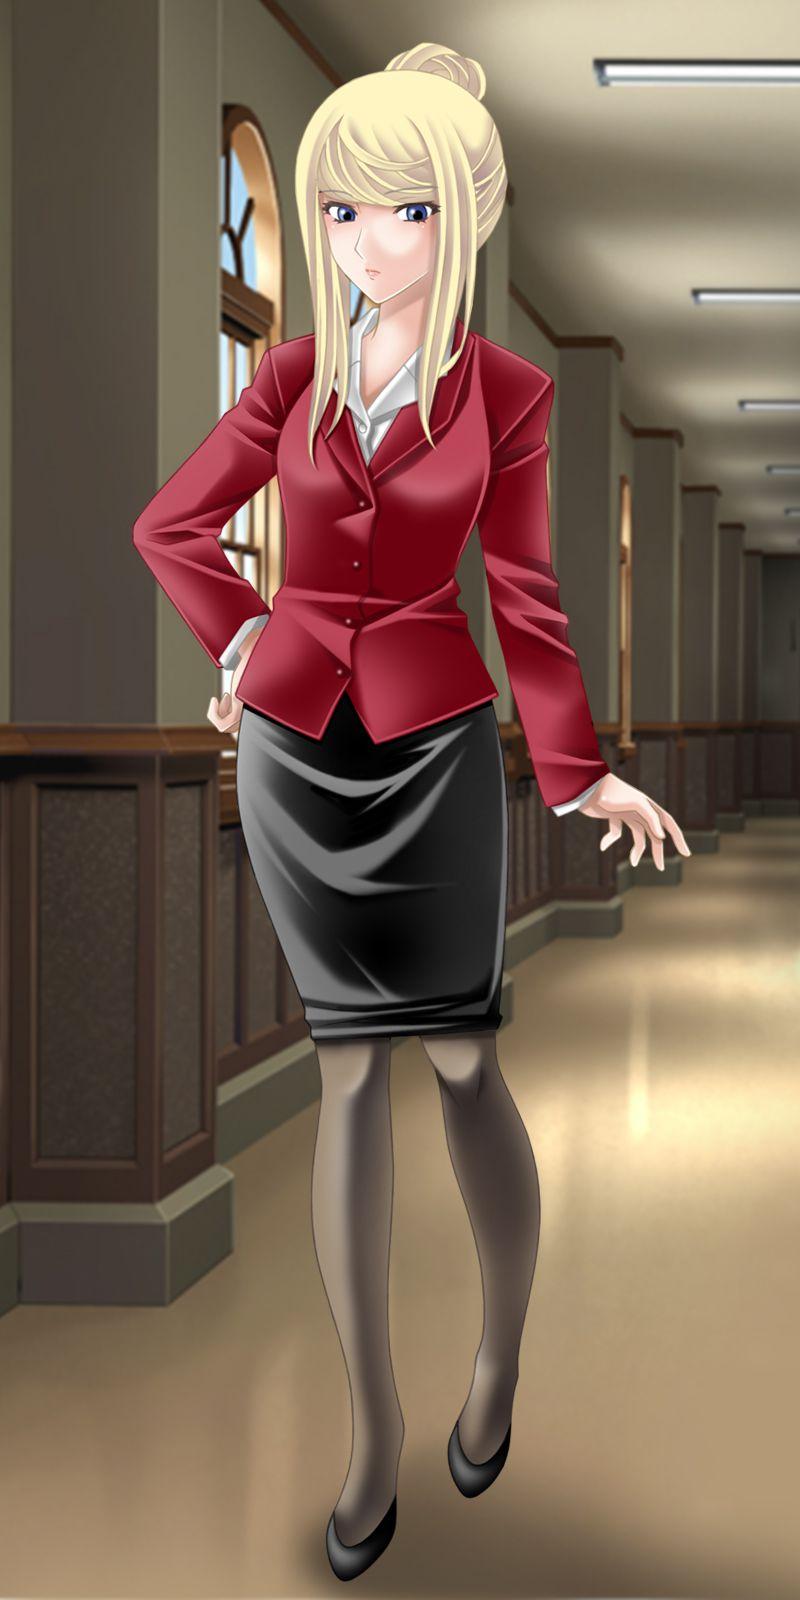 スカートスーツ 女一人 -コミック -アニメーション055